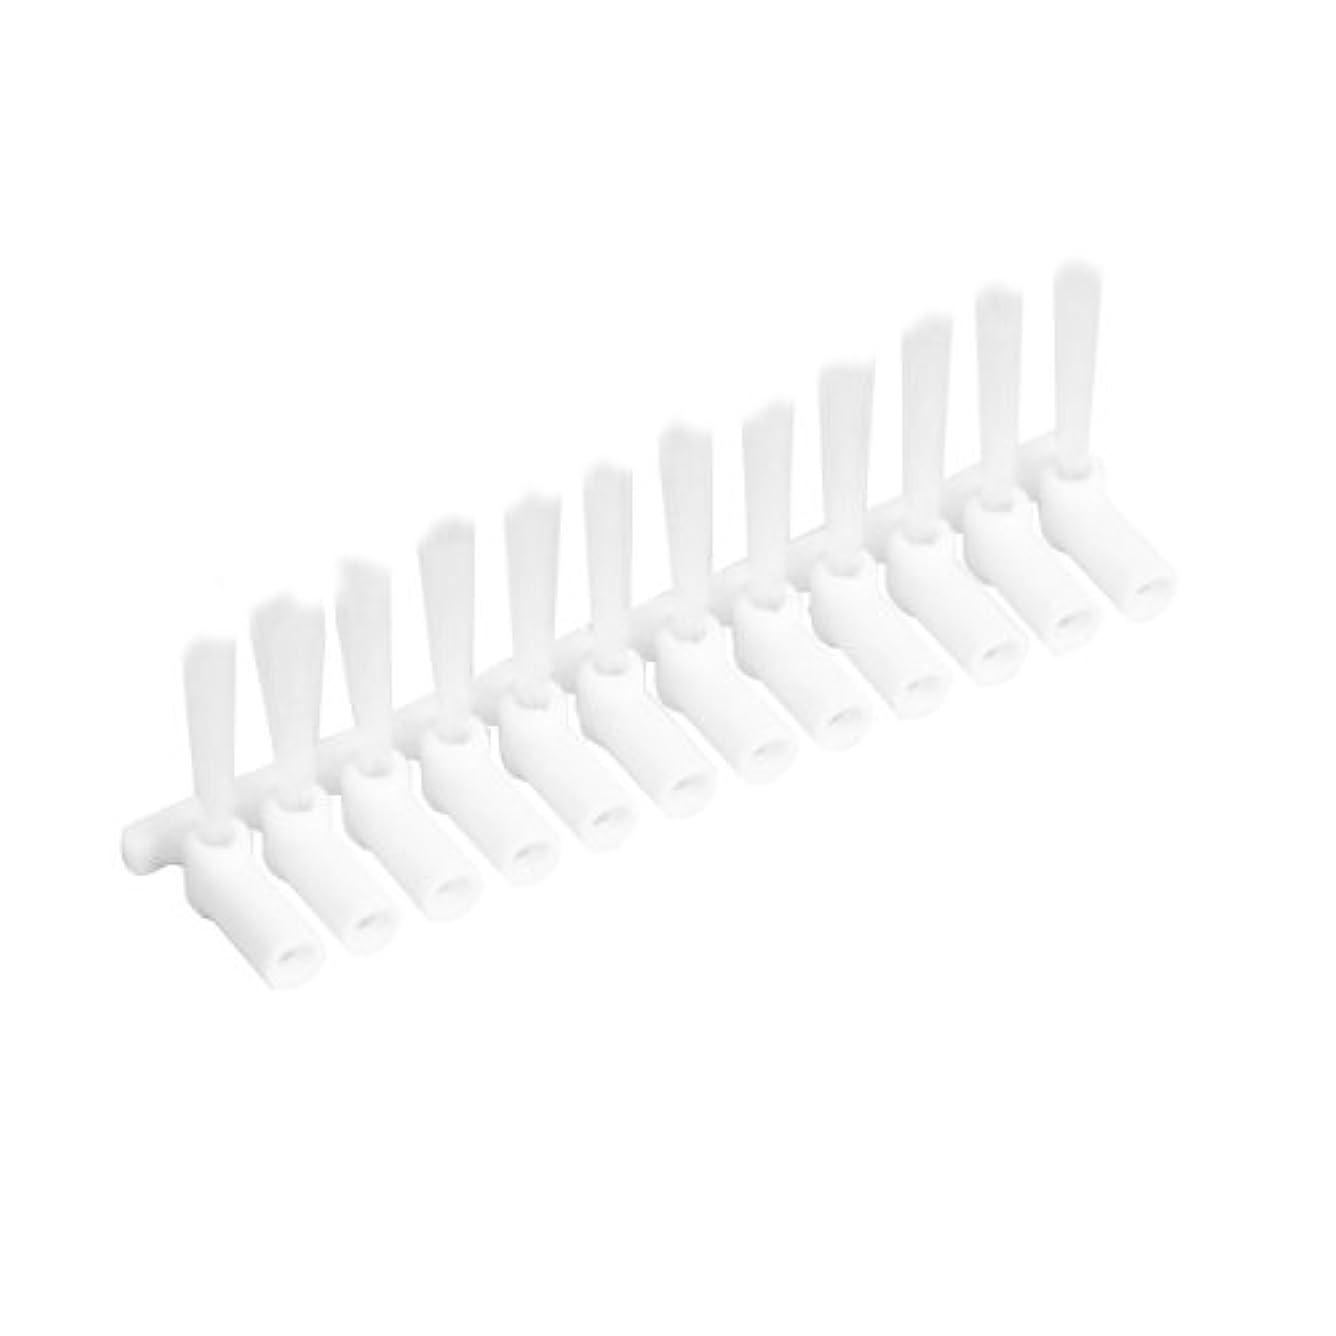 番目経済的流産山善 電動歯間ブラシ デンタルペッカー専用替ブラシ 12本(専用保管ケース付) DPK-10